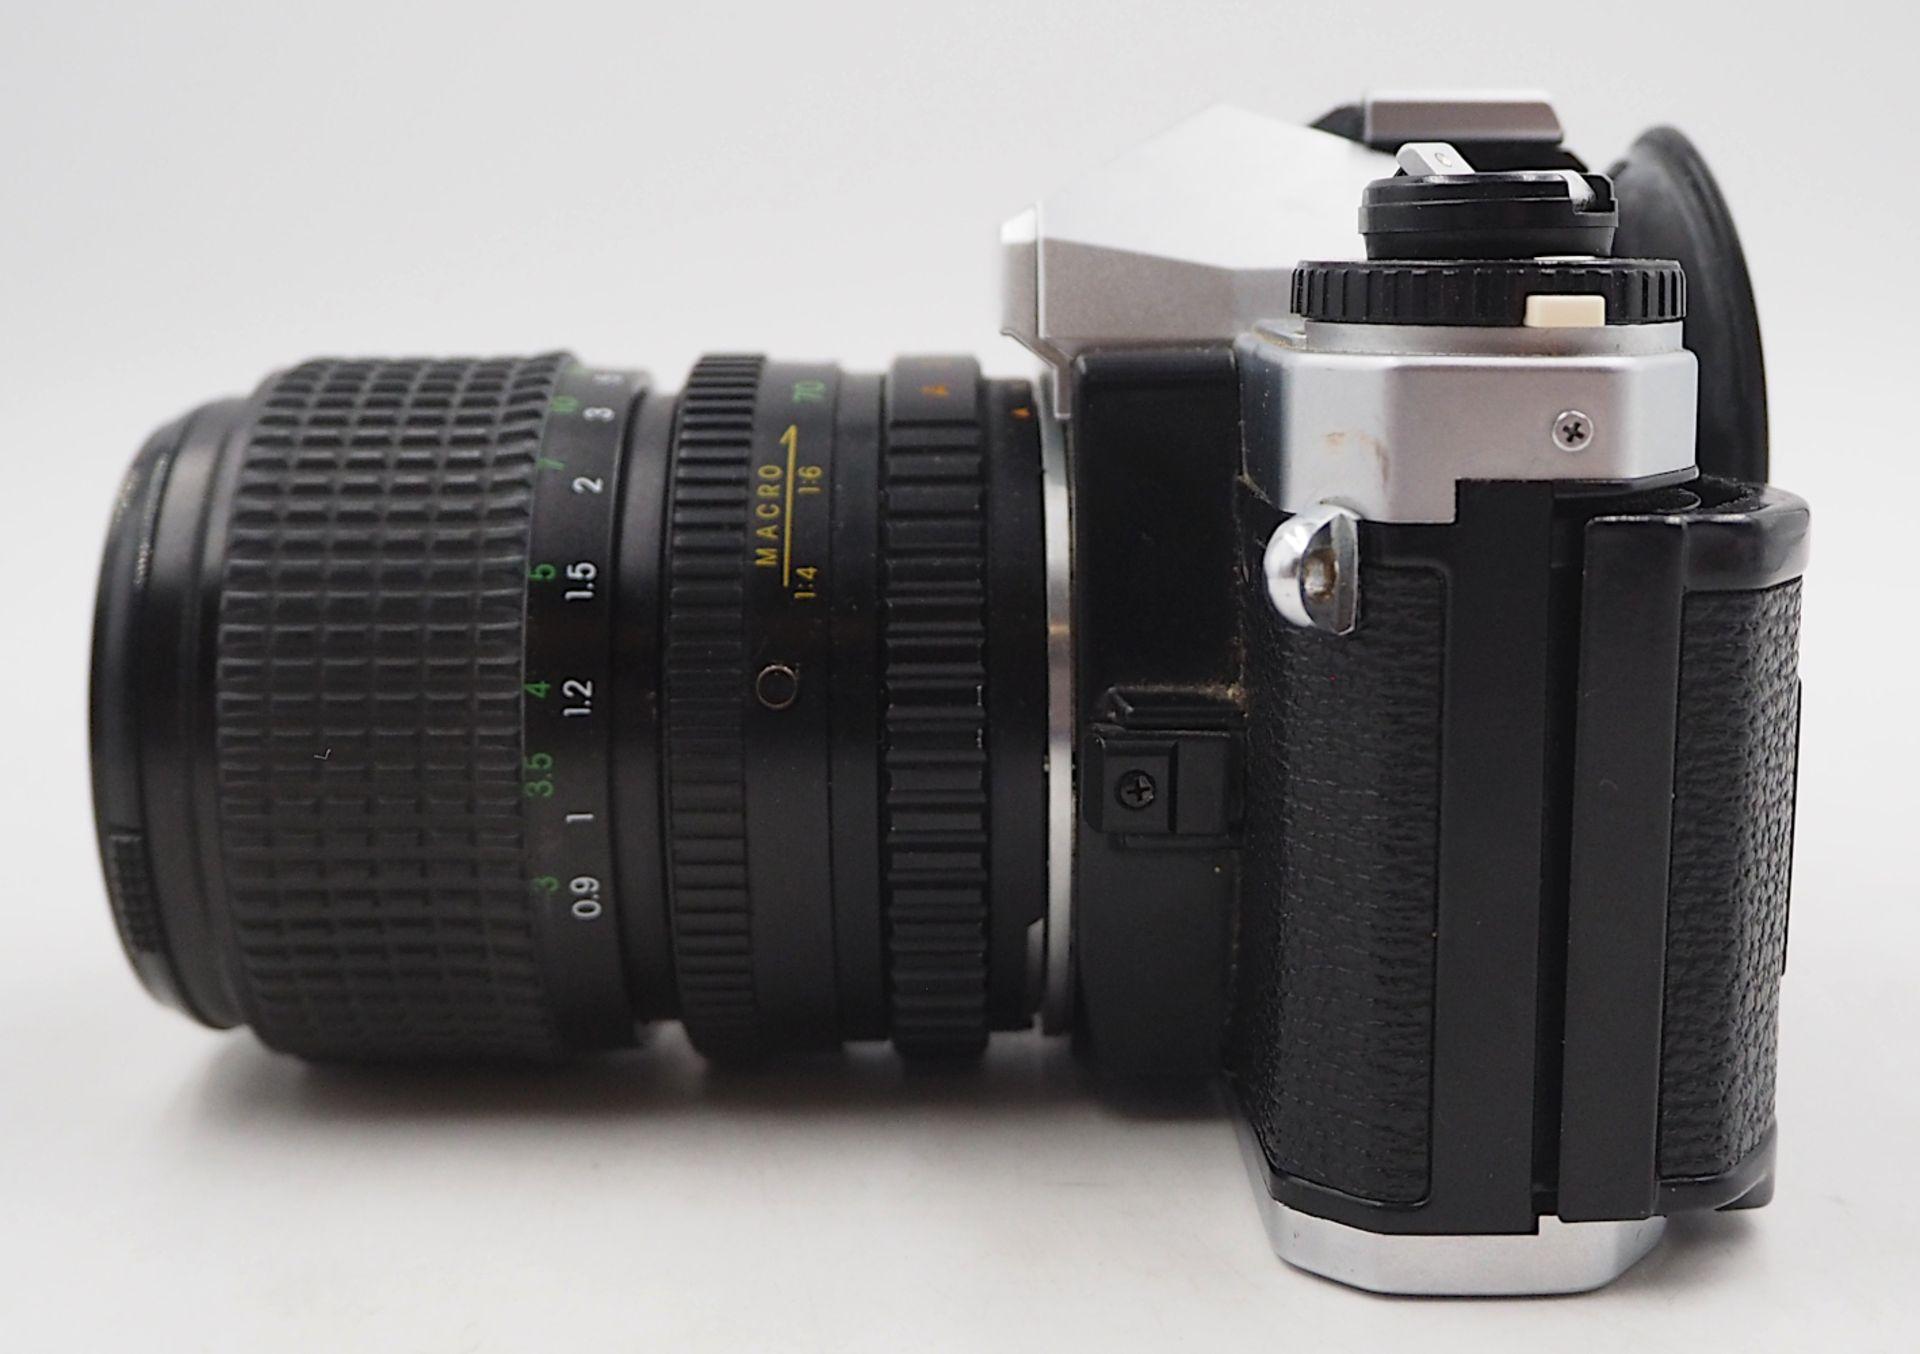 """1 Fotoapparat PORST """"CR-3 Automatic"""" mit Objektiv PORST """"Unizoom 1:3,5-4,5/35-70mm Mac - Bild 3 aus 6"""